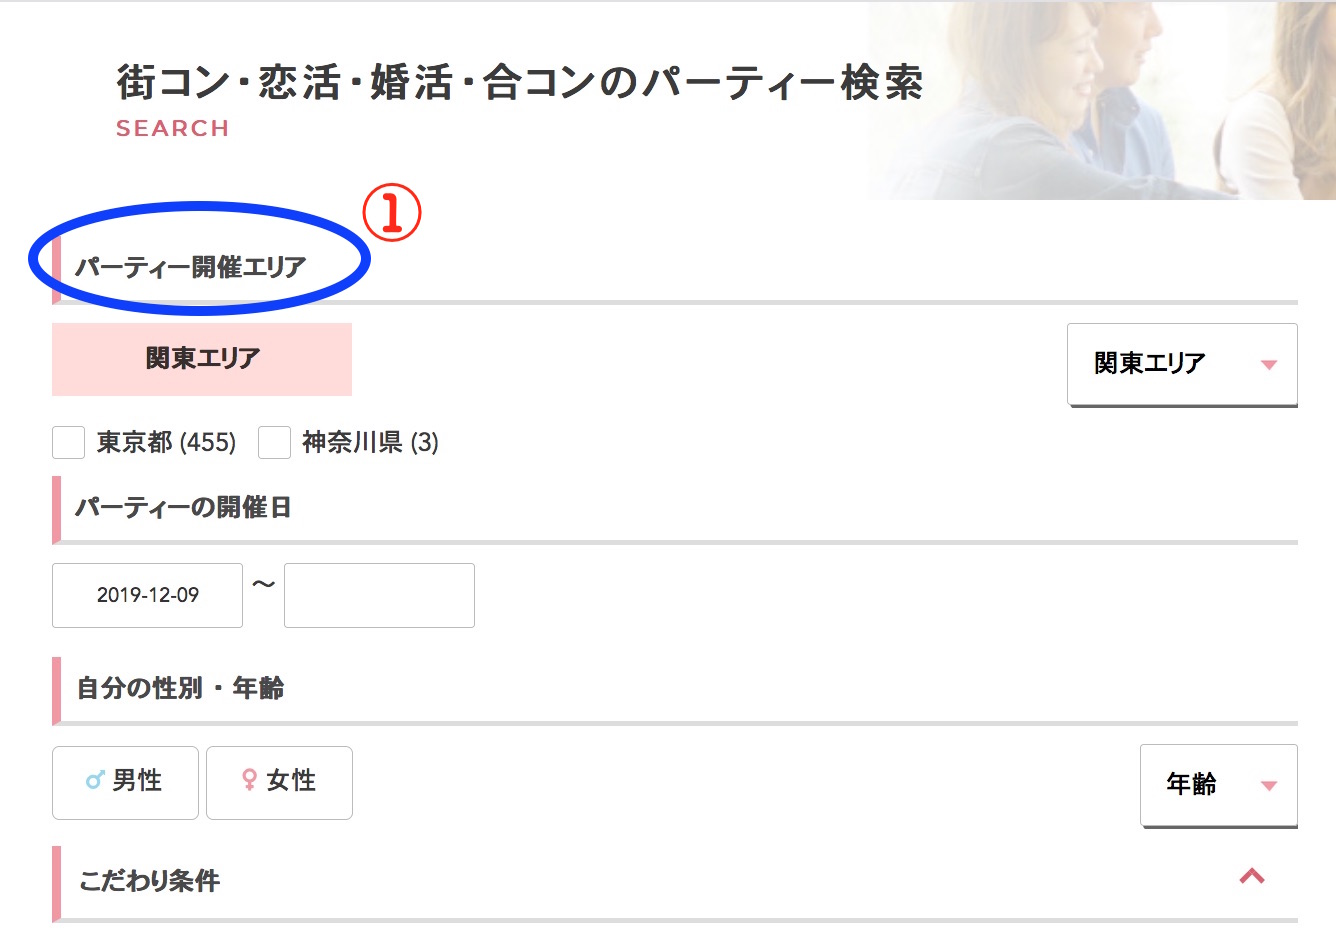 大阪のバツイチに便利な婚活パーティー検索方法-1